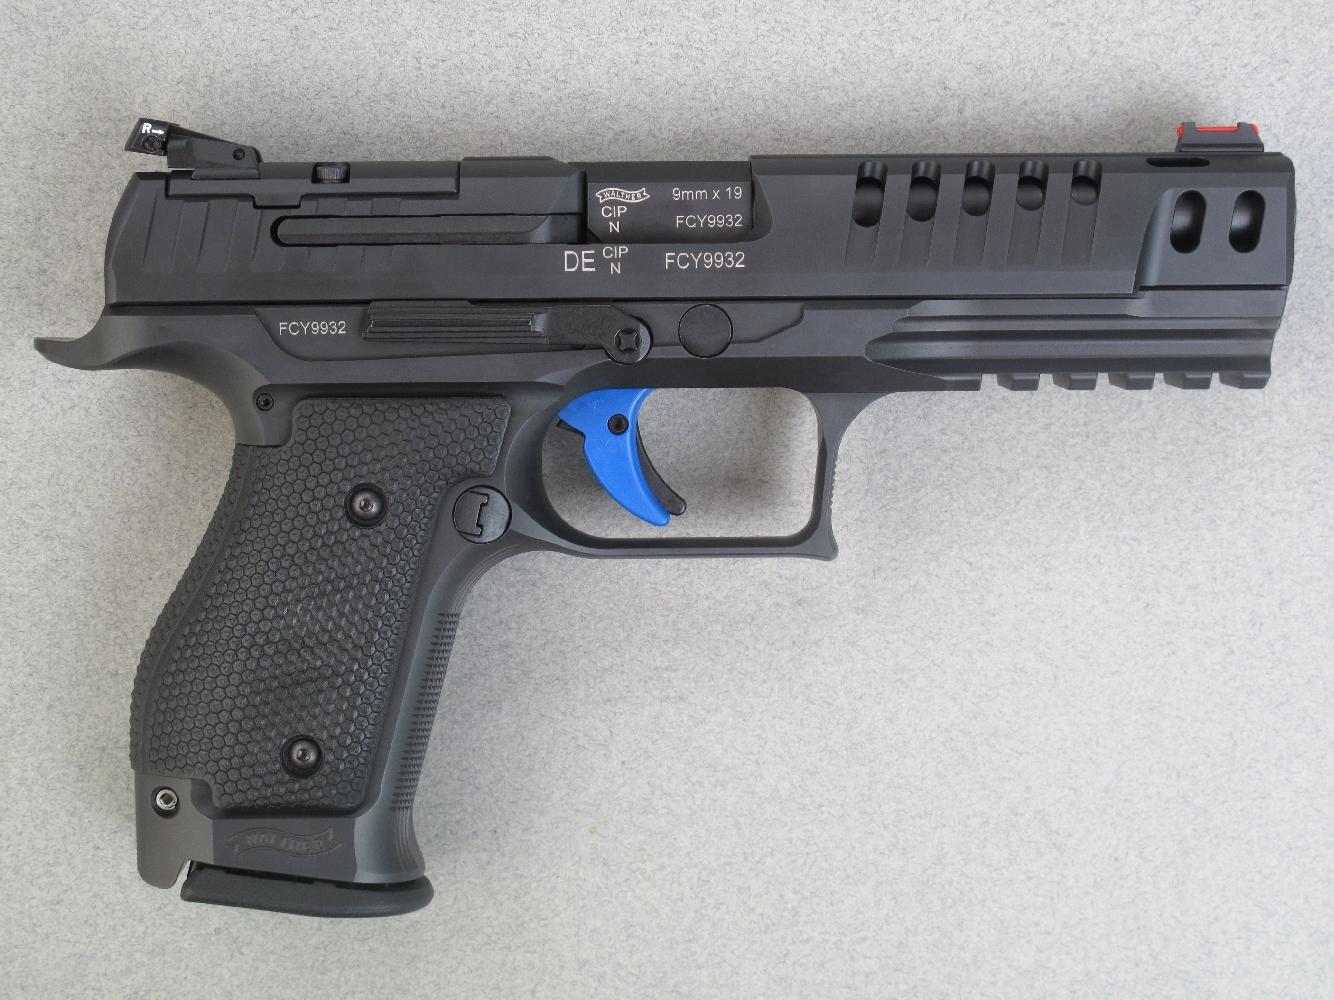 On retrouve sur cette arme toutes les spécificités du Q5 Match : canon de cinq pouces ; culasse allégée par de larges évents ; guidon intégrant une fibre optique de couleur rouge ; hausse réglable de marque LPA et détente Match de couleur bleue.